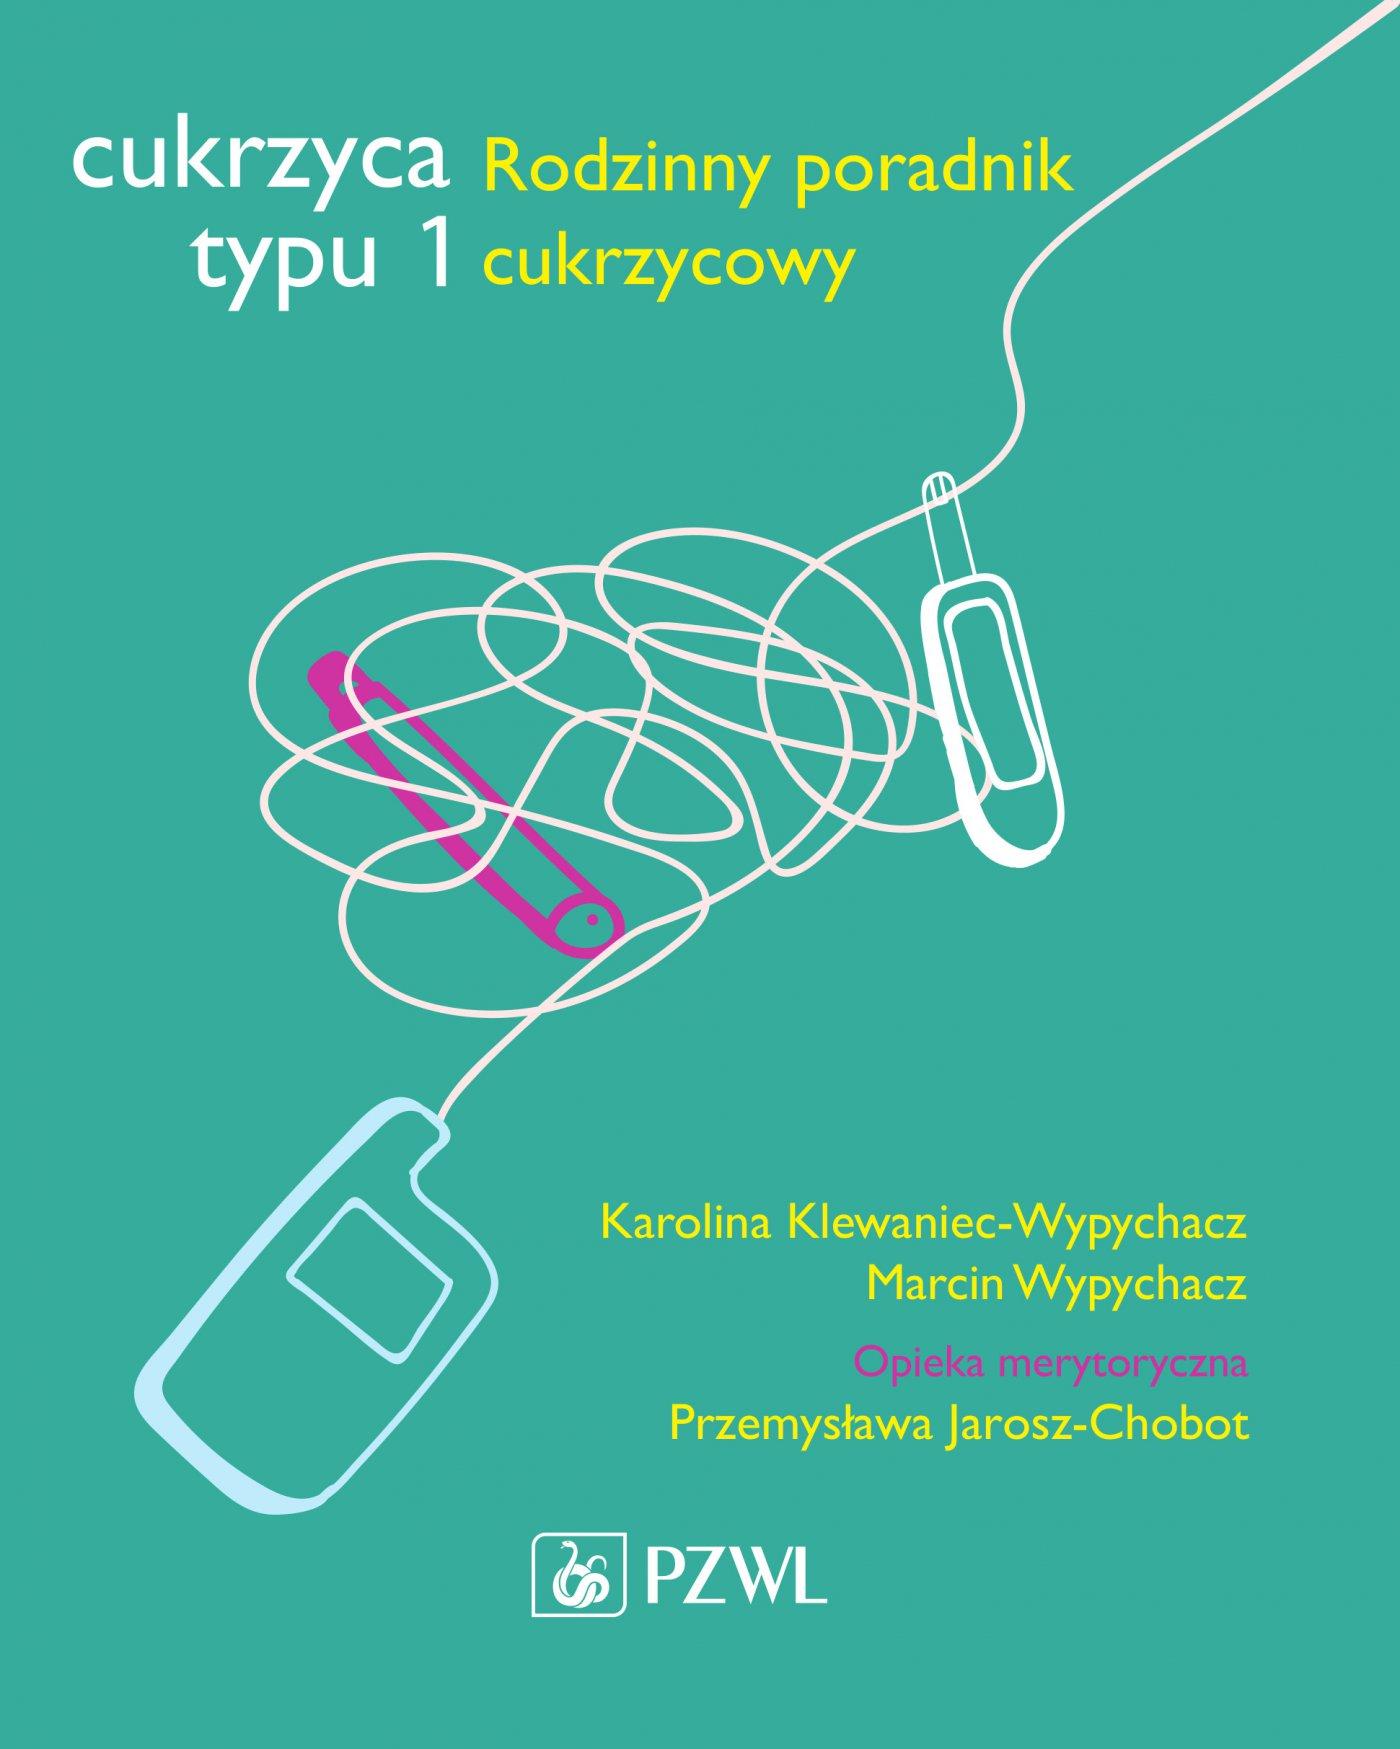 Cukrzyca typu 1. Rodzinny poradnik cukrzycowy - Ebook (Książka EPUB) do pobrania w formacie EPUB